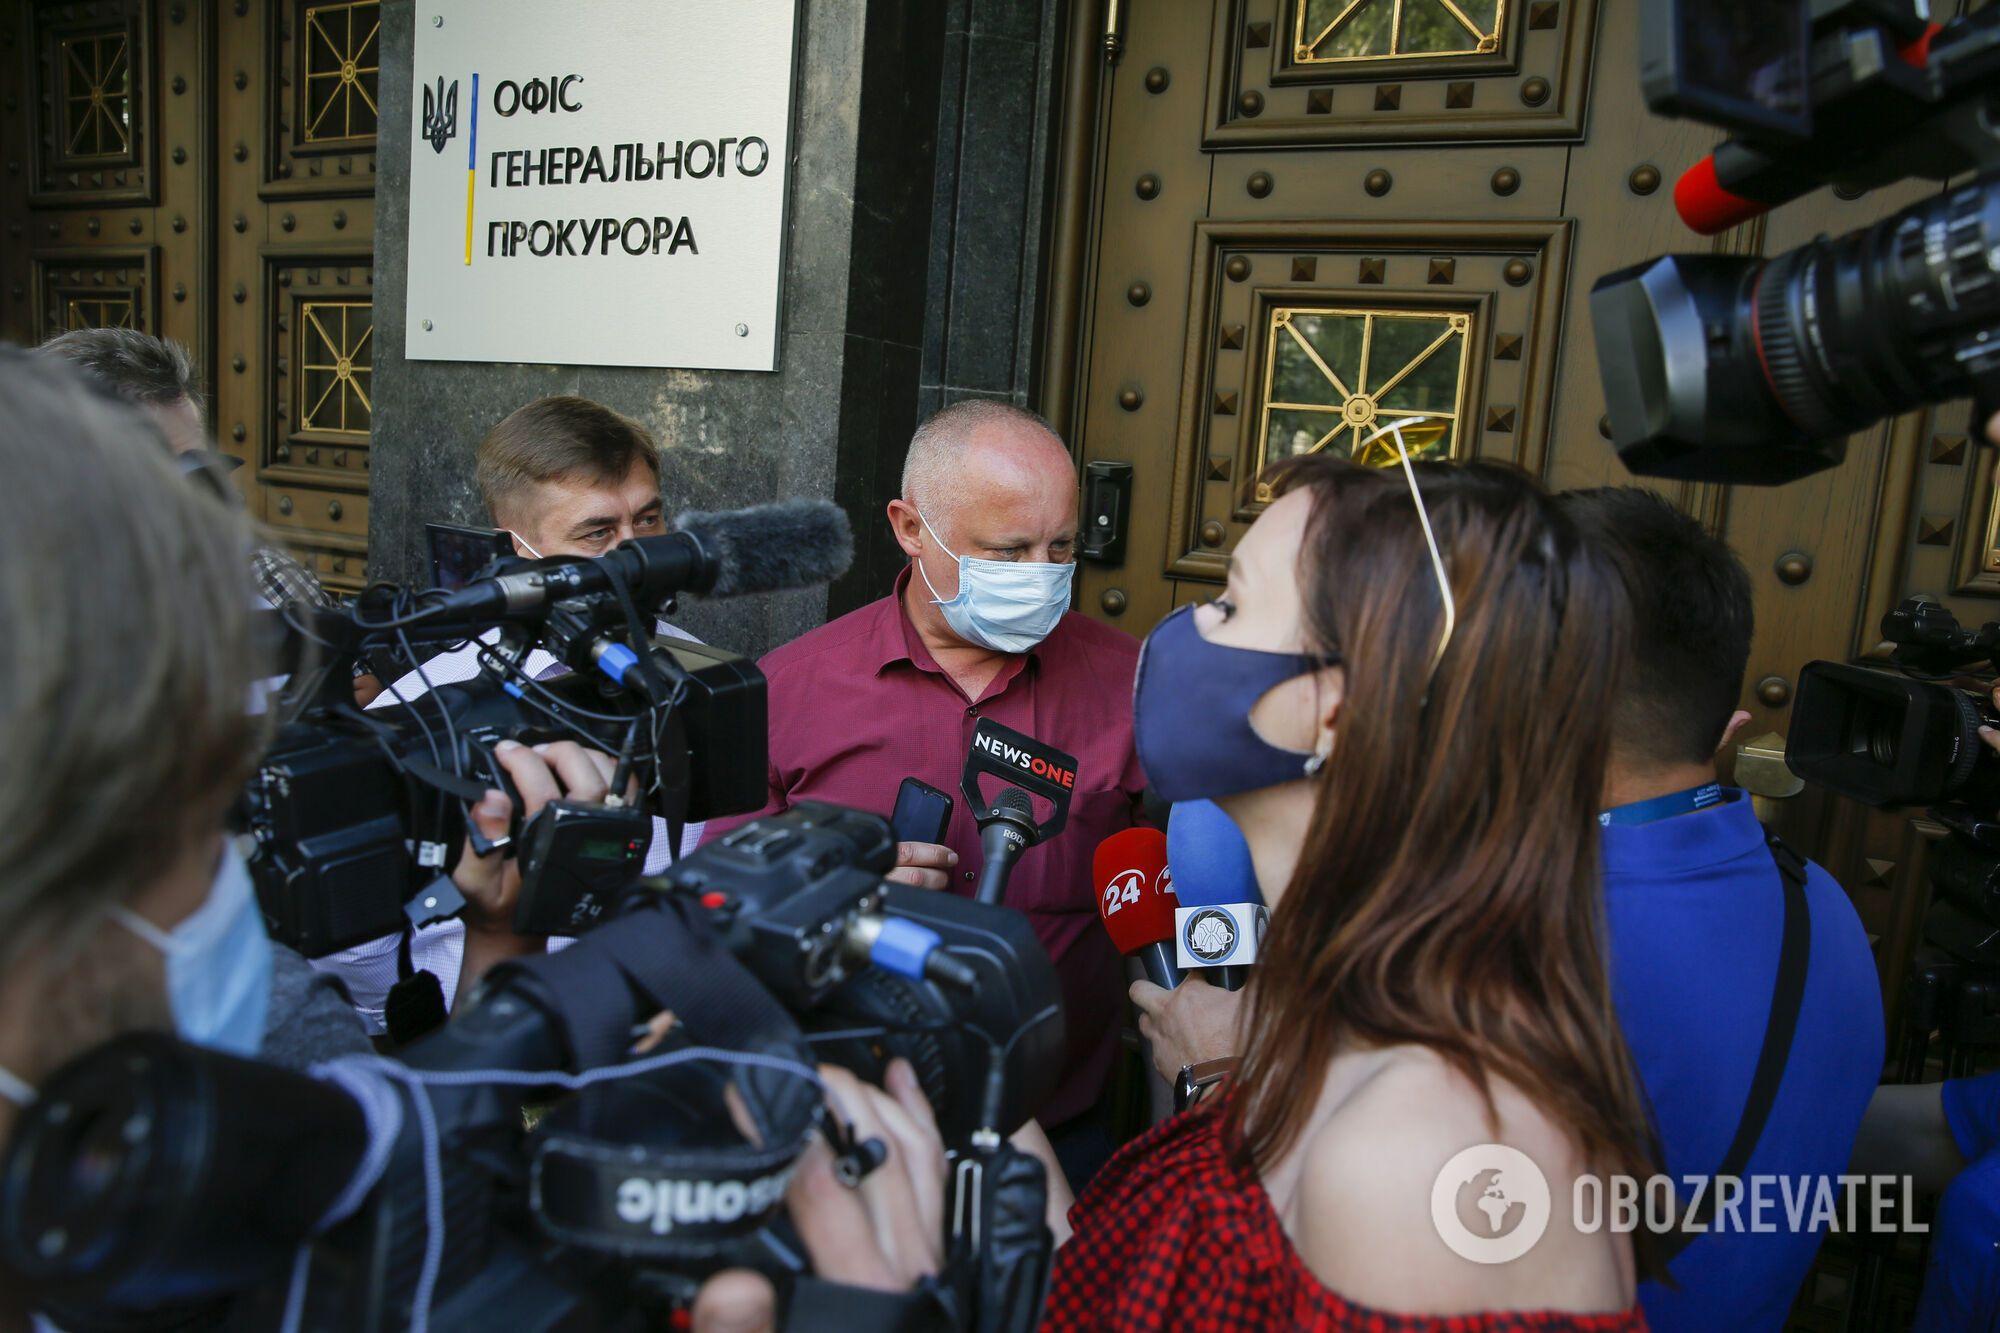 В Киеве протестовали против наркобизнеса и ОПГ, созданной гражданином РФ Александром Щипцовым